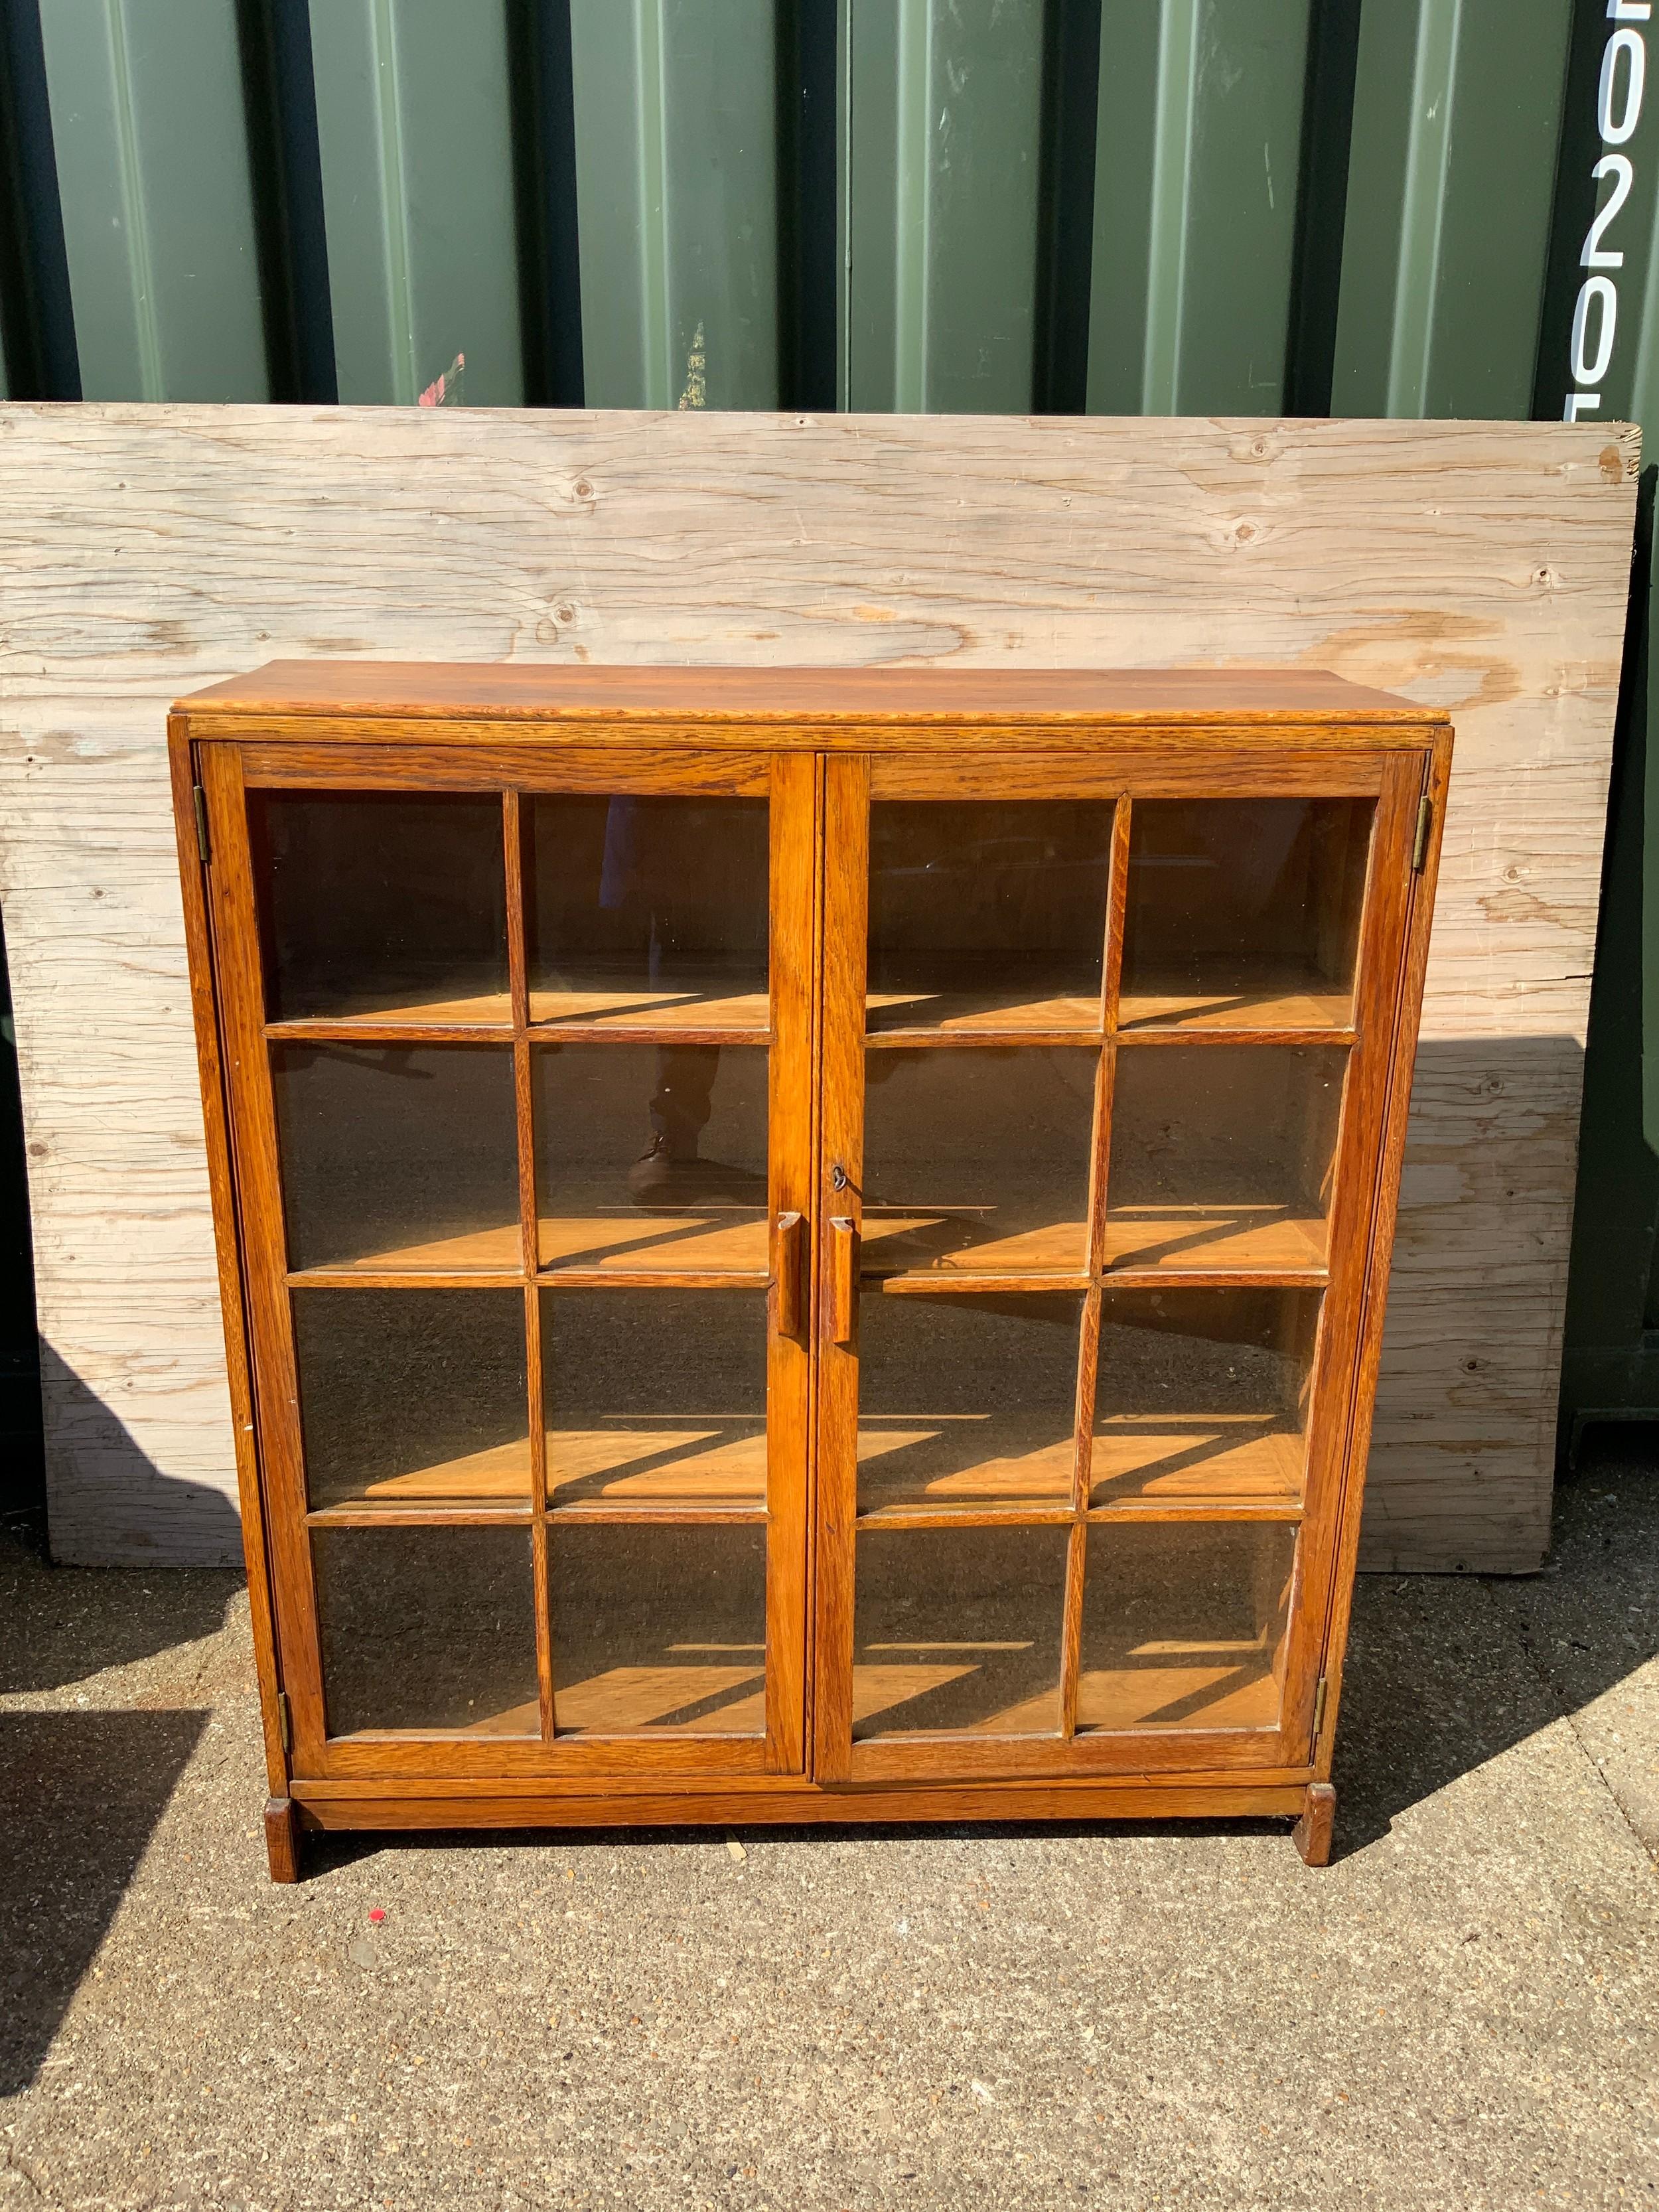 Oak Two Door Glass Fronted Cabinet - 90cm x 100cm